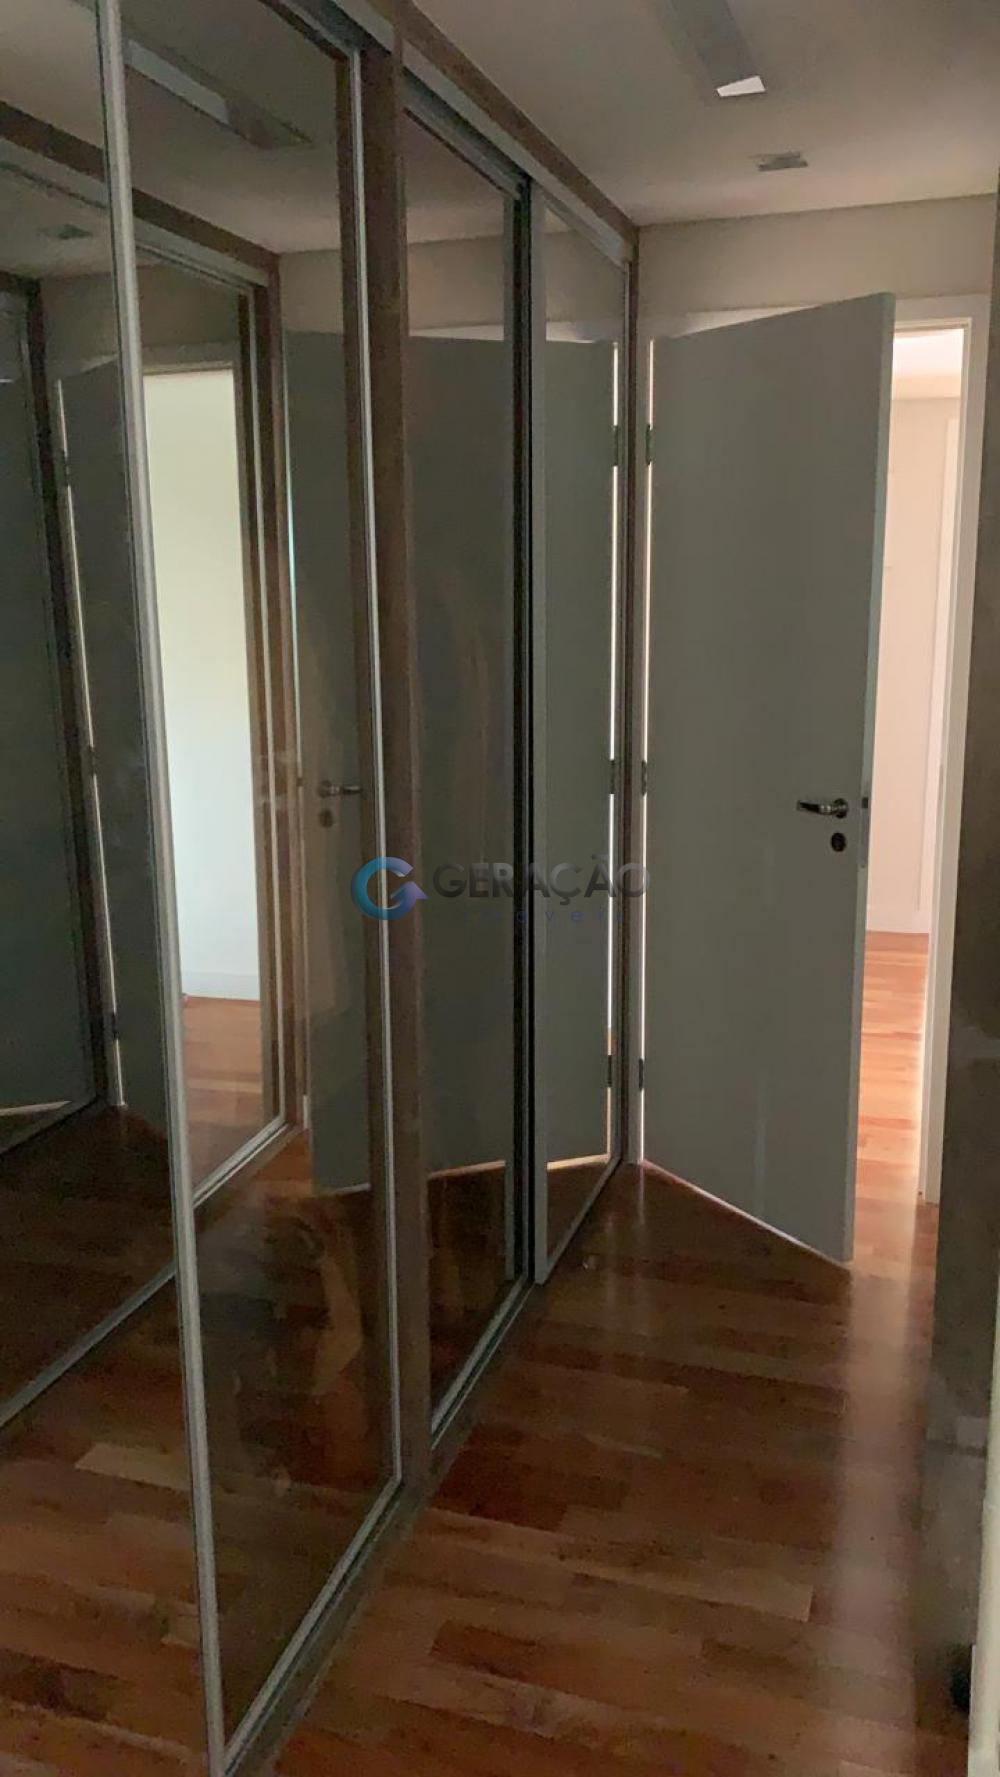 Comprar Apartamento / Padrão em São José dos Campos apenas R$ 990.000,00 - Foto 7